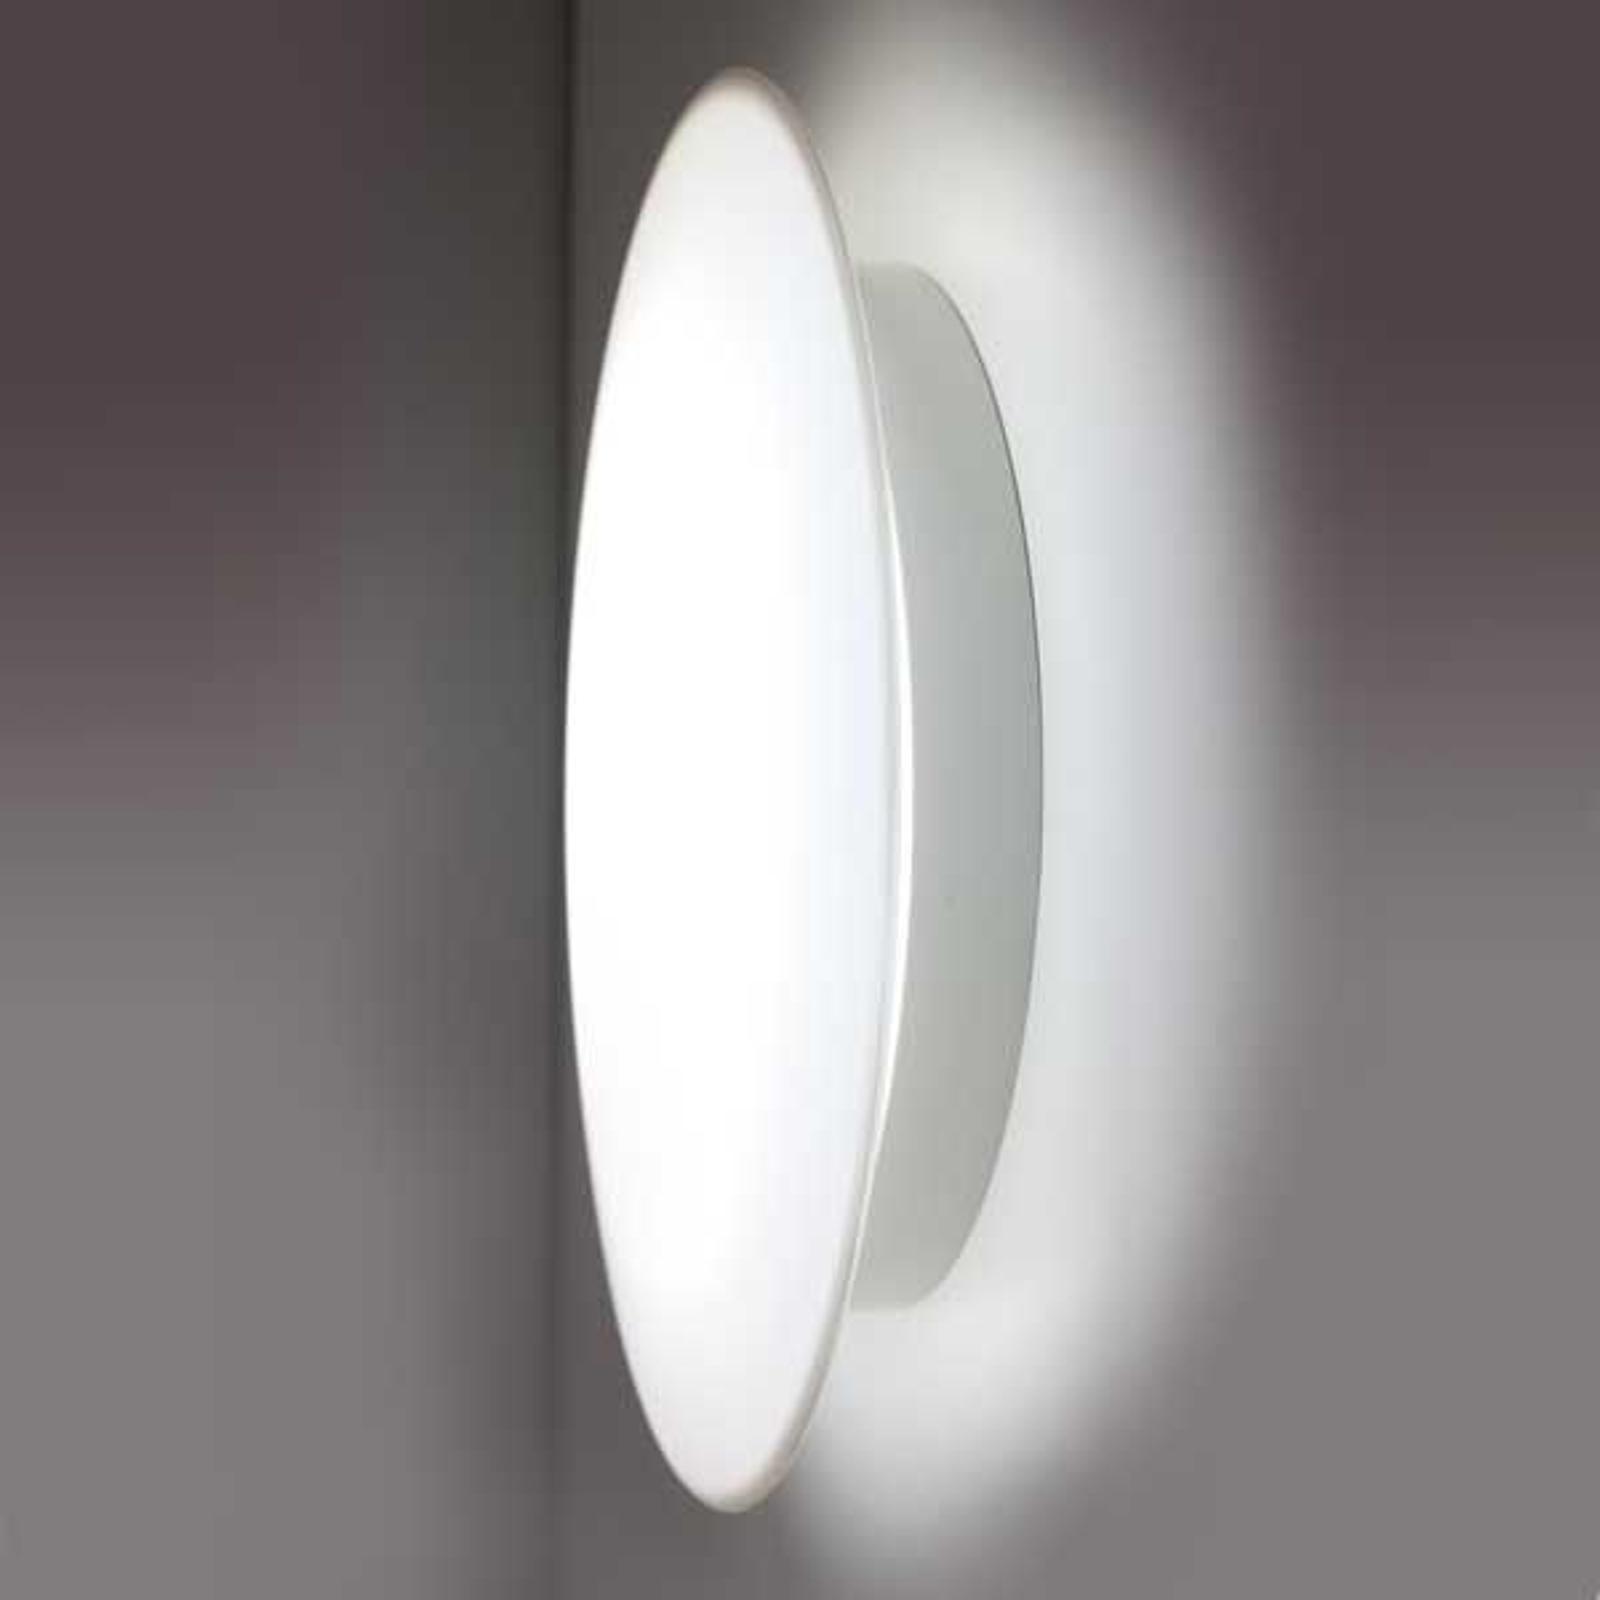 SUN 3 LED - fremtidens lampe hvid 13 W 4K